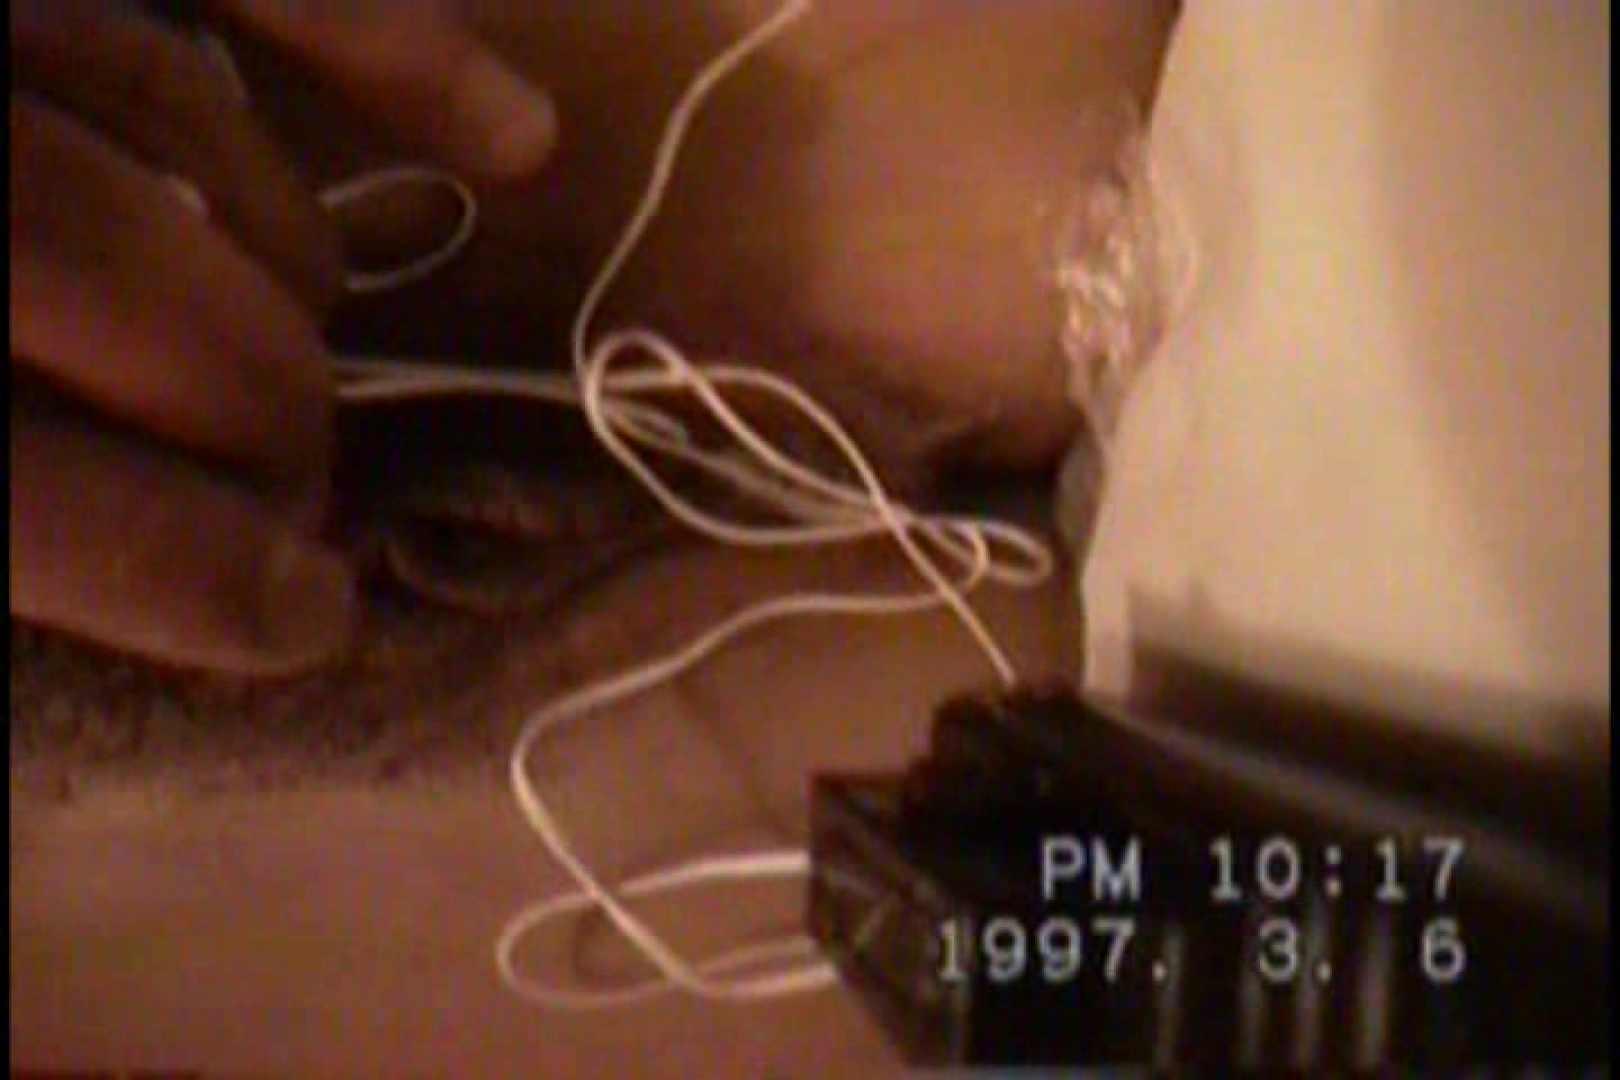 某デパート受付上嬢の二穴ローター 淫乱映像 ロータープレイ  83pic 40